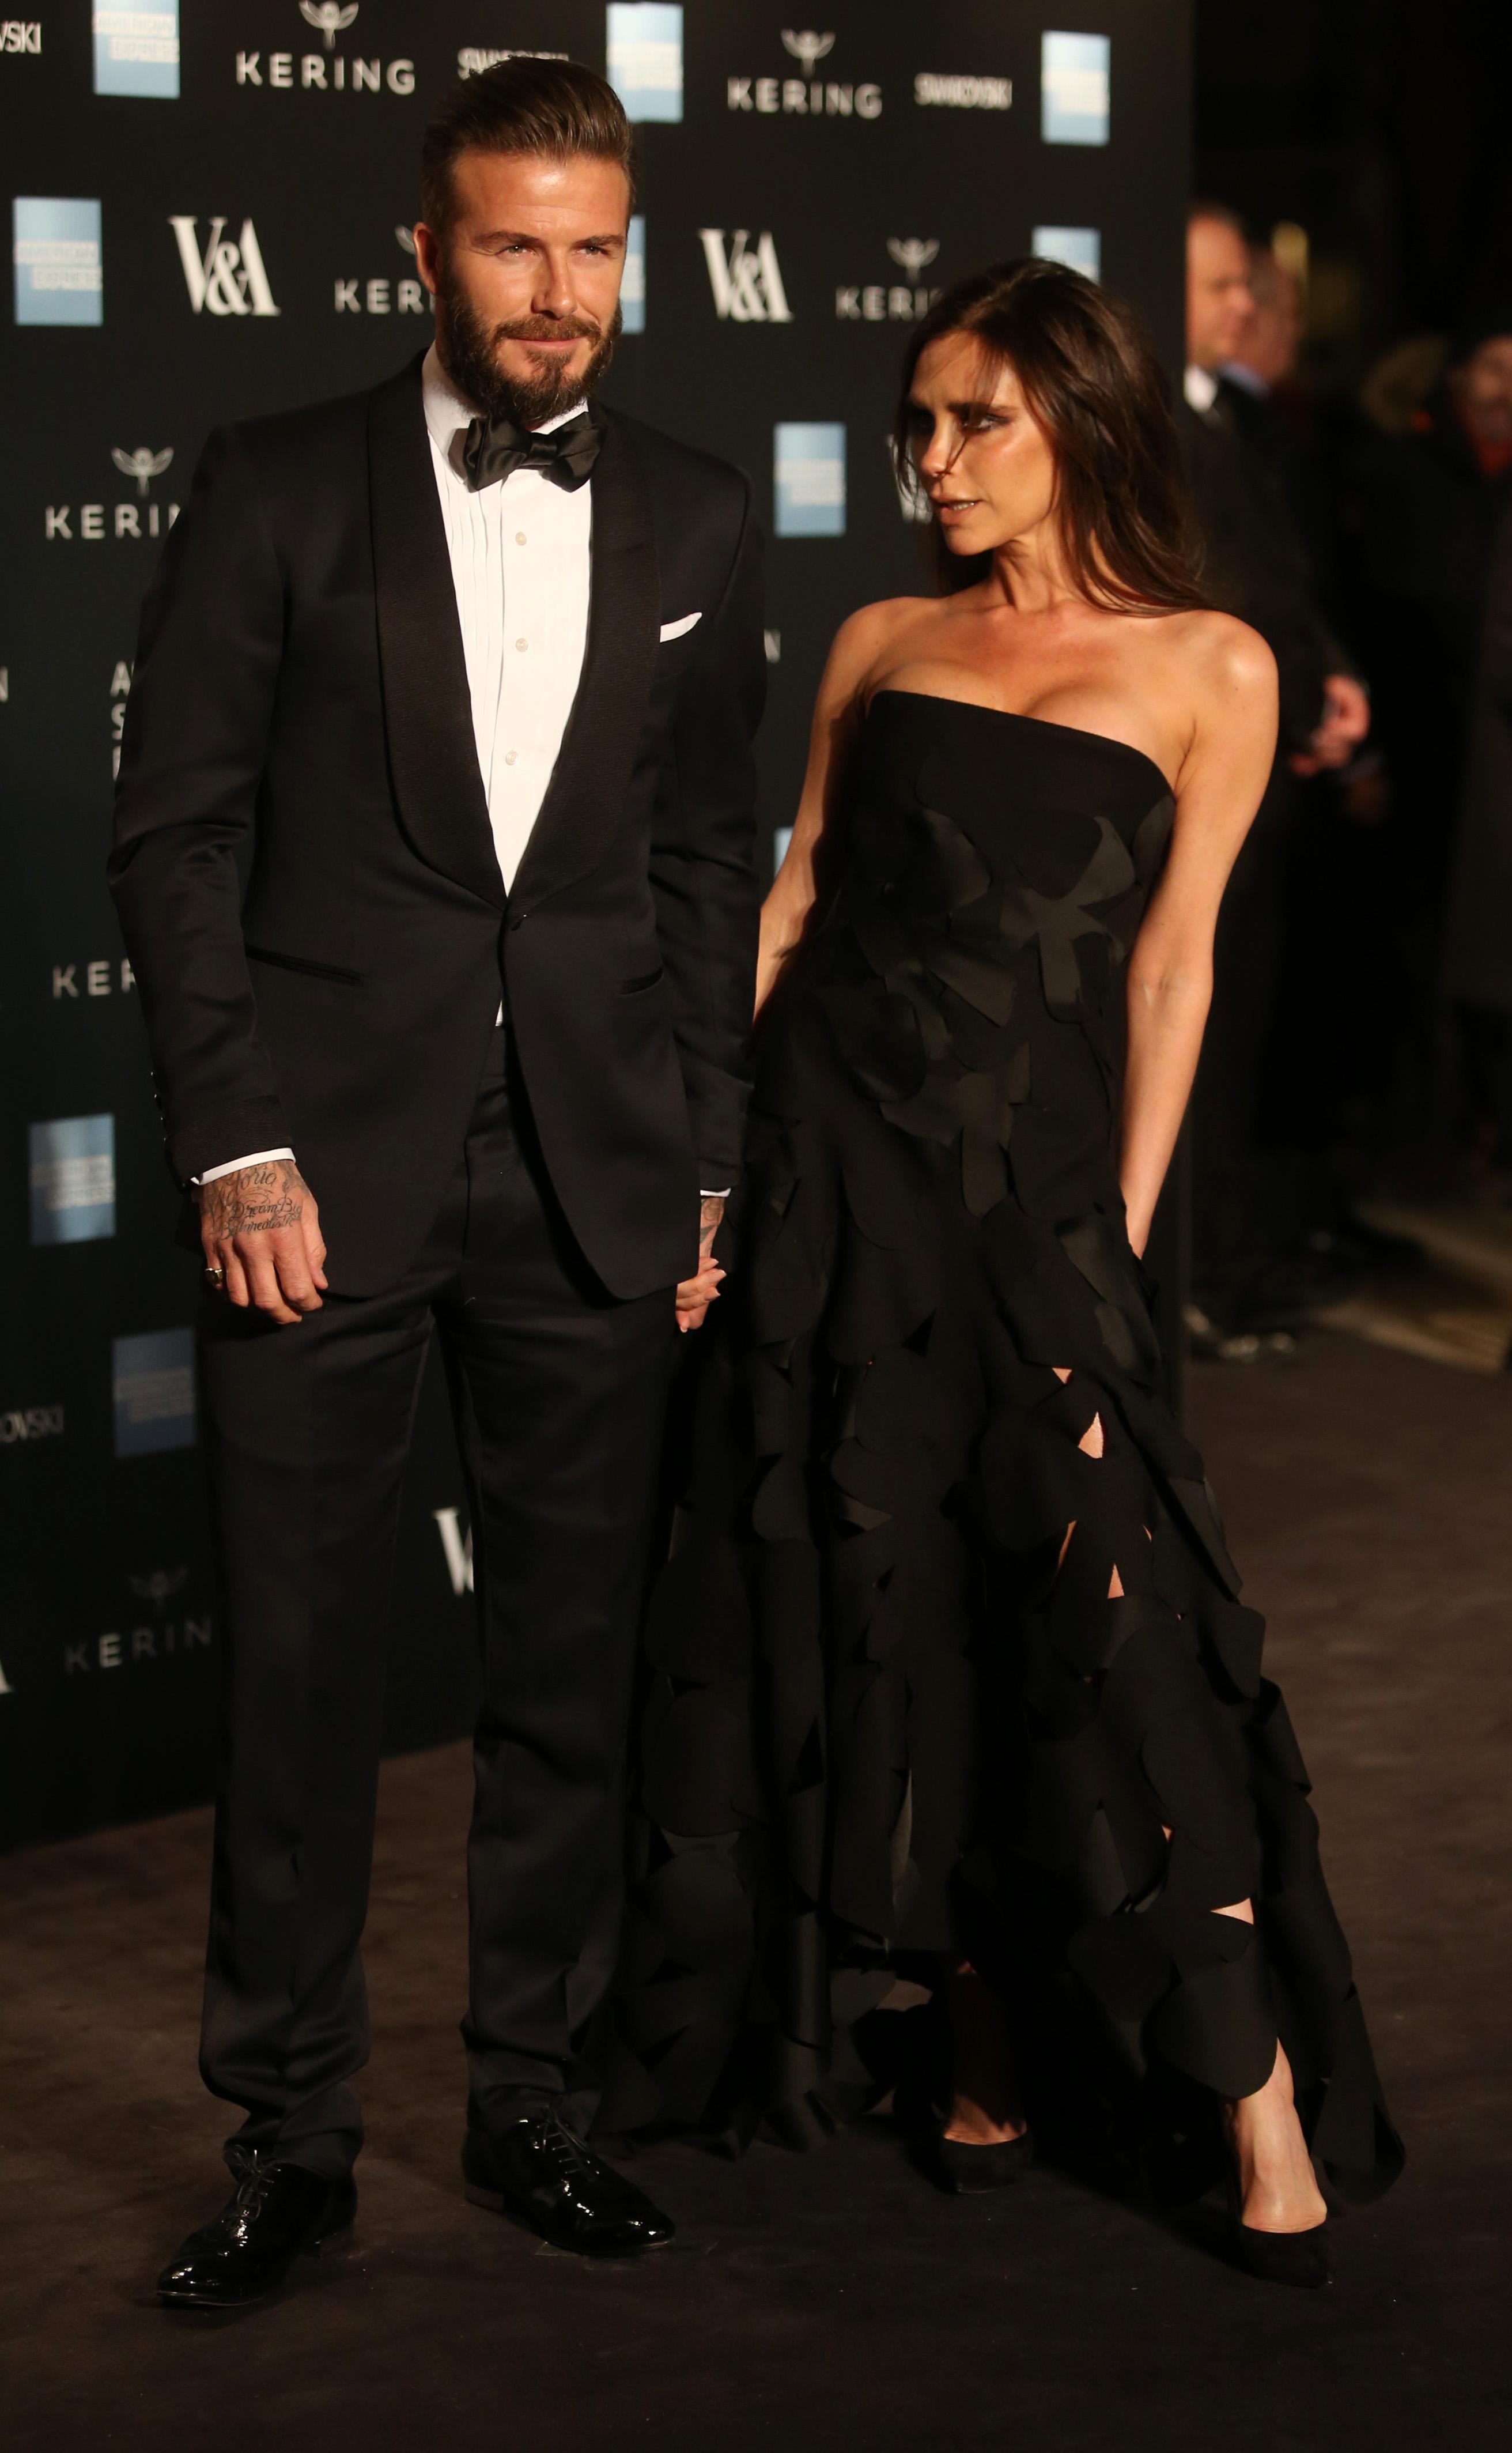 Виктория и Дэвид Бэкхемы на открытии выставки Alexander McQueen: Savage Beauty